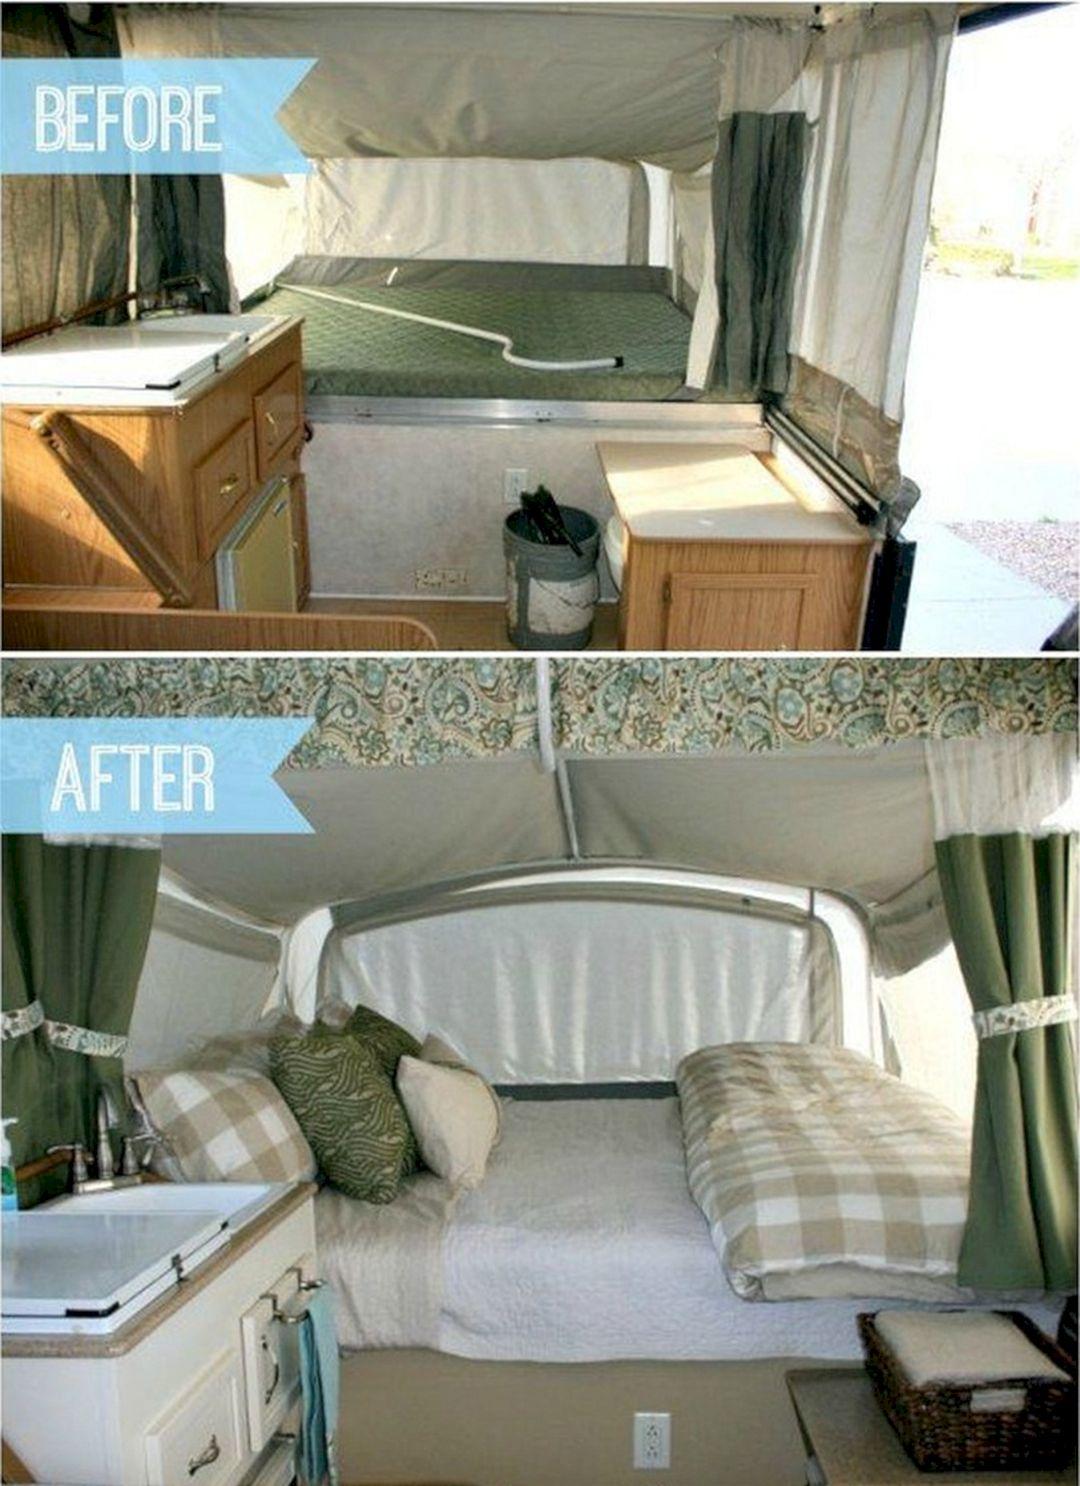 Pop Up Camper Remodel Before After Pop Up Camper Remodel